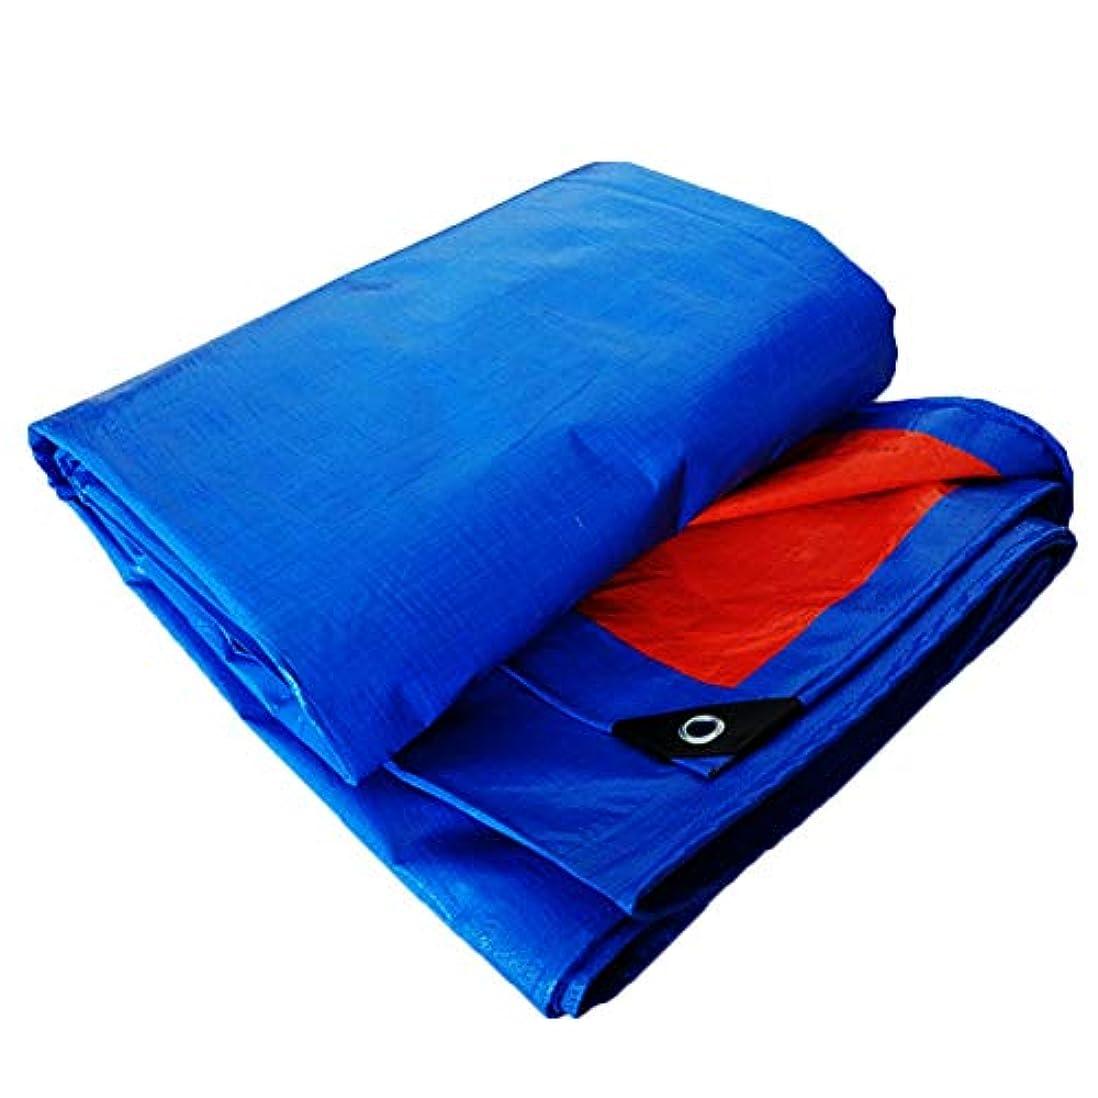 スリーブ乳製品変位キャンバスタパスリンリノリウム防水布バイザー布、180g / m2 ZHML (サイズ さいず : 2*2m)